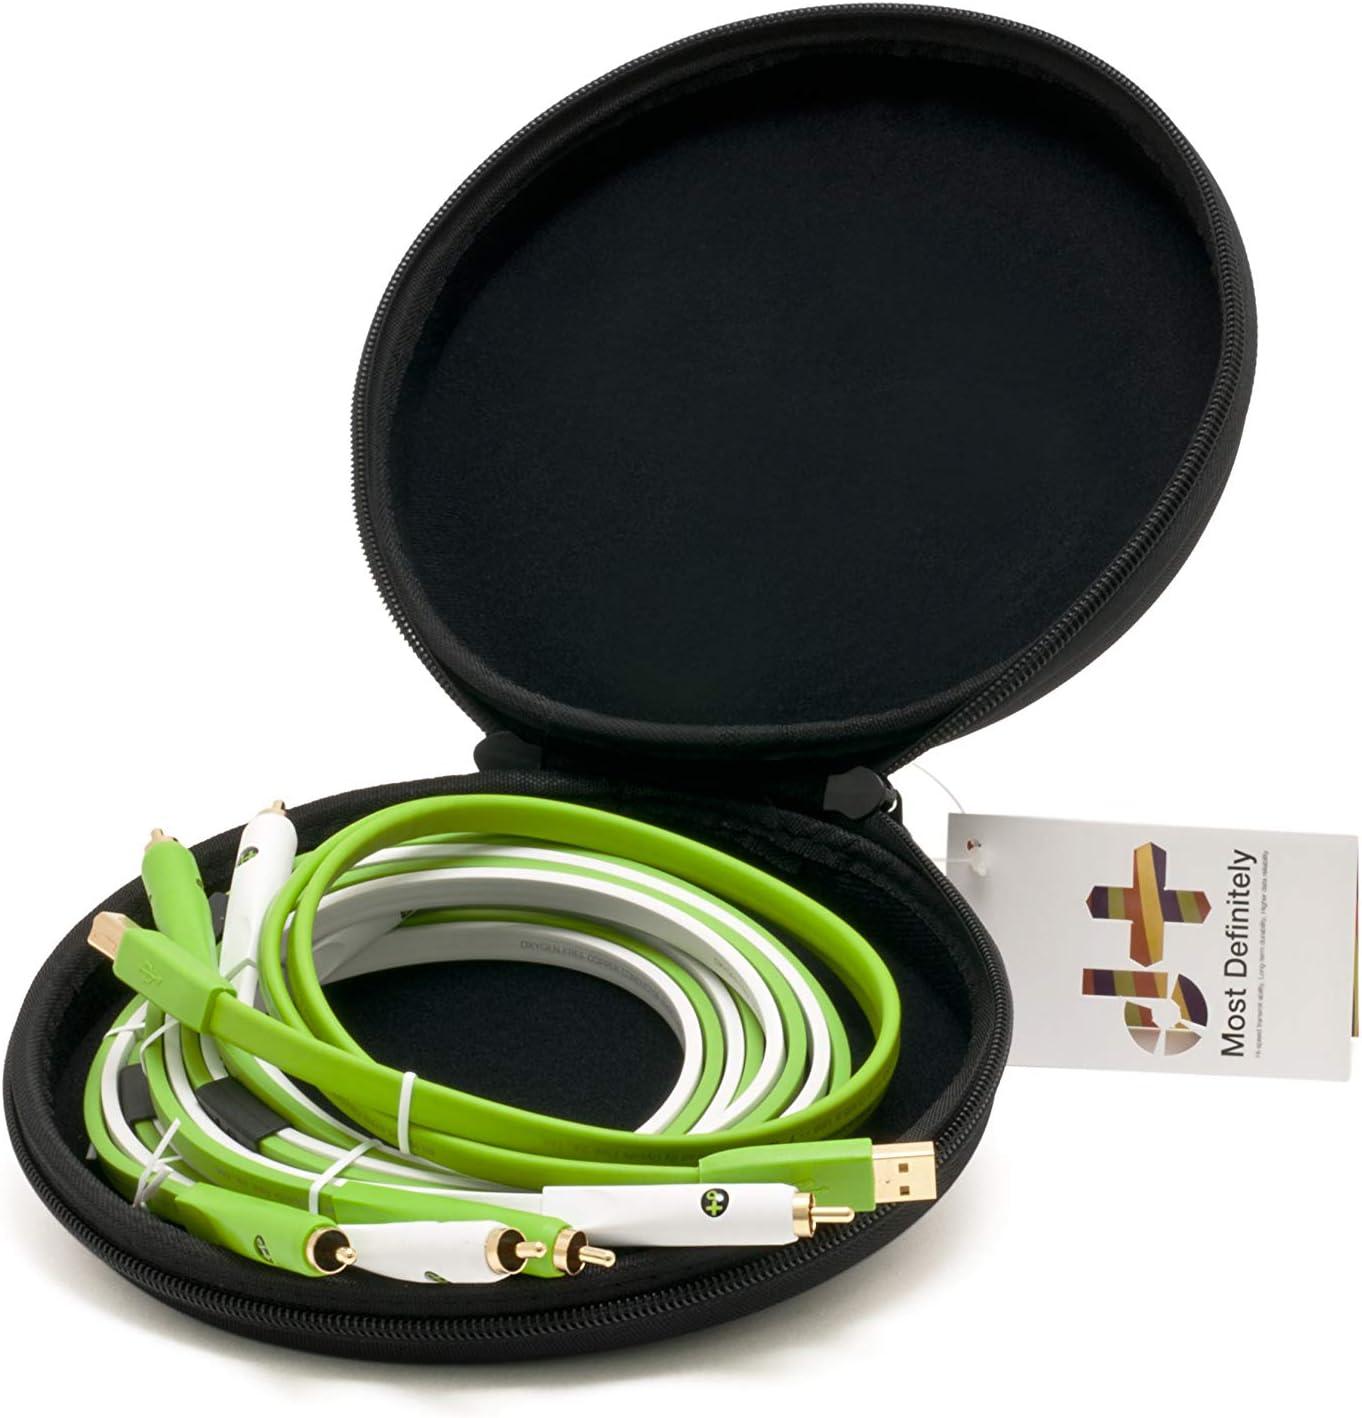 Usb+cable BAG RCA Du0 Class B Oyaide D